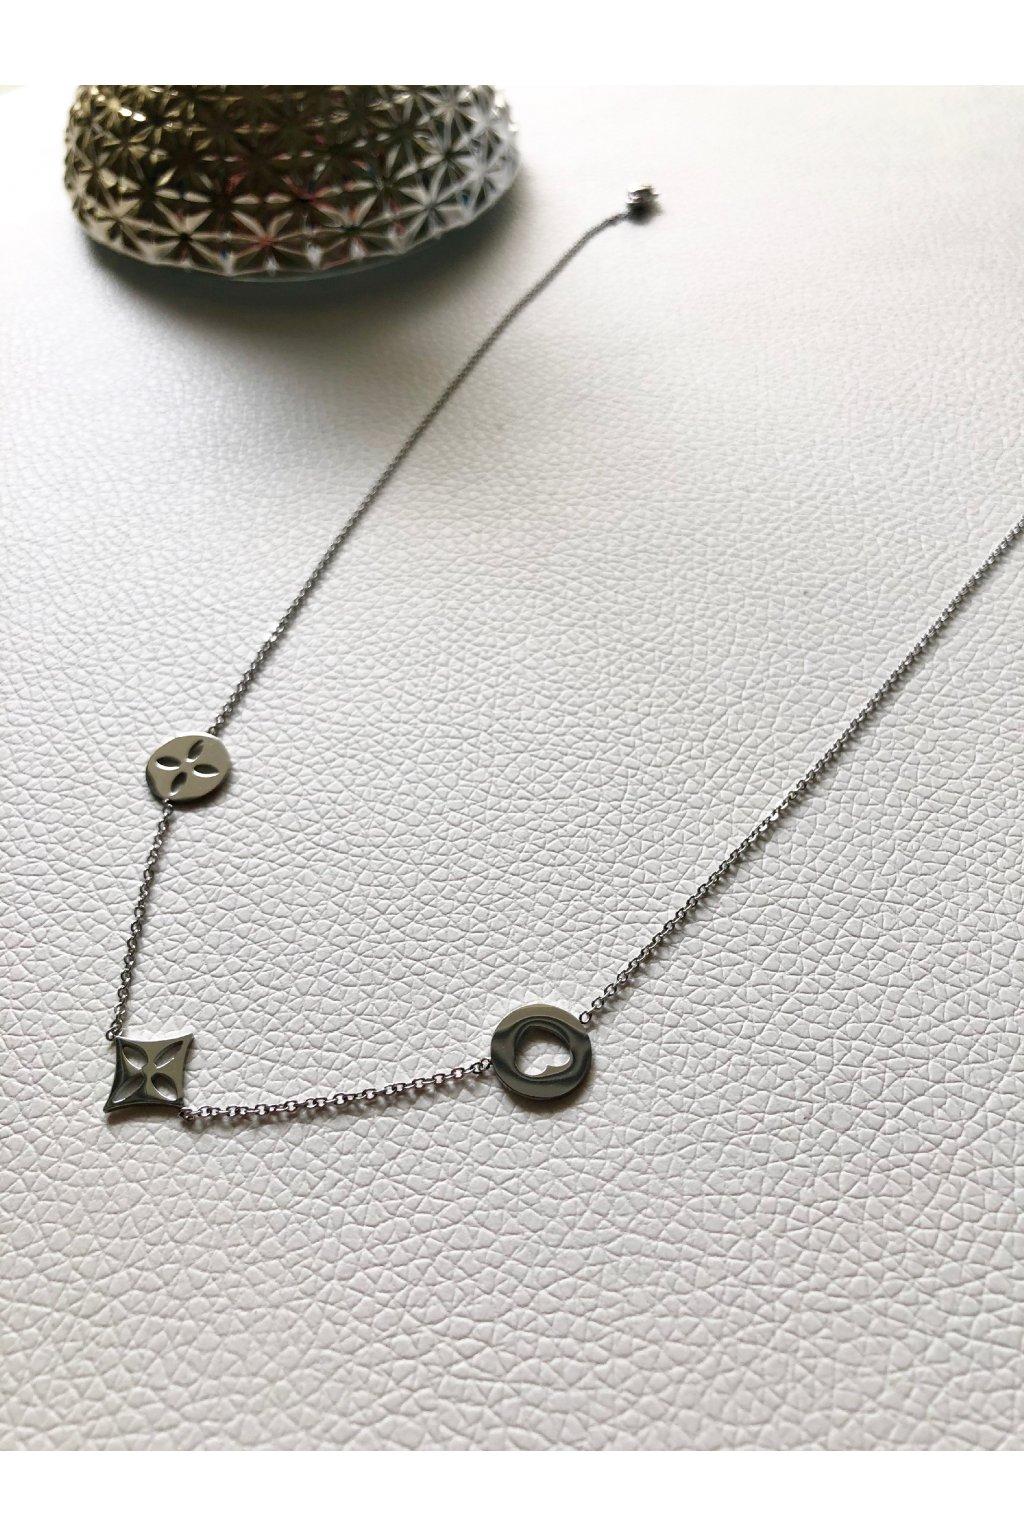 damsky retizek lux silver eshopat cz 1